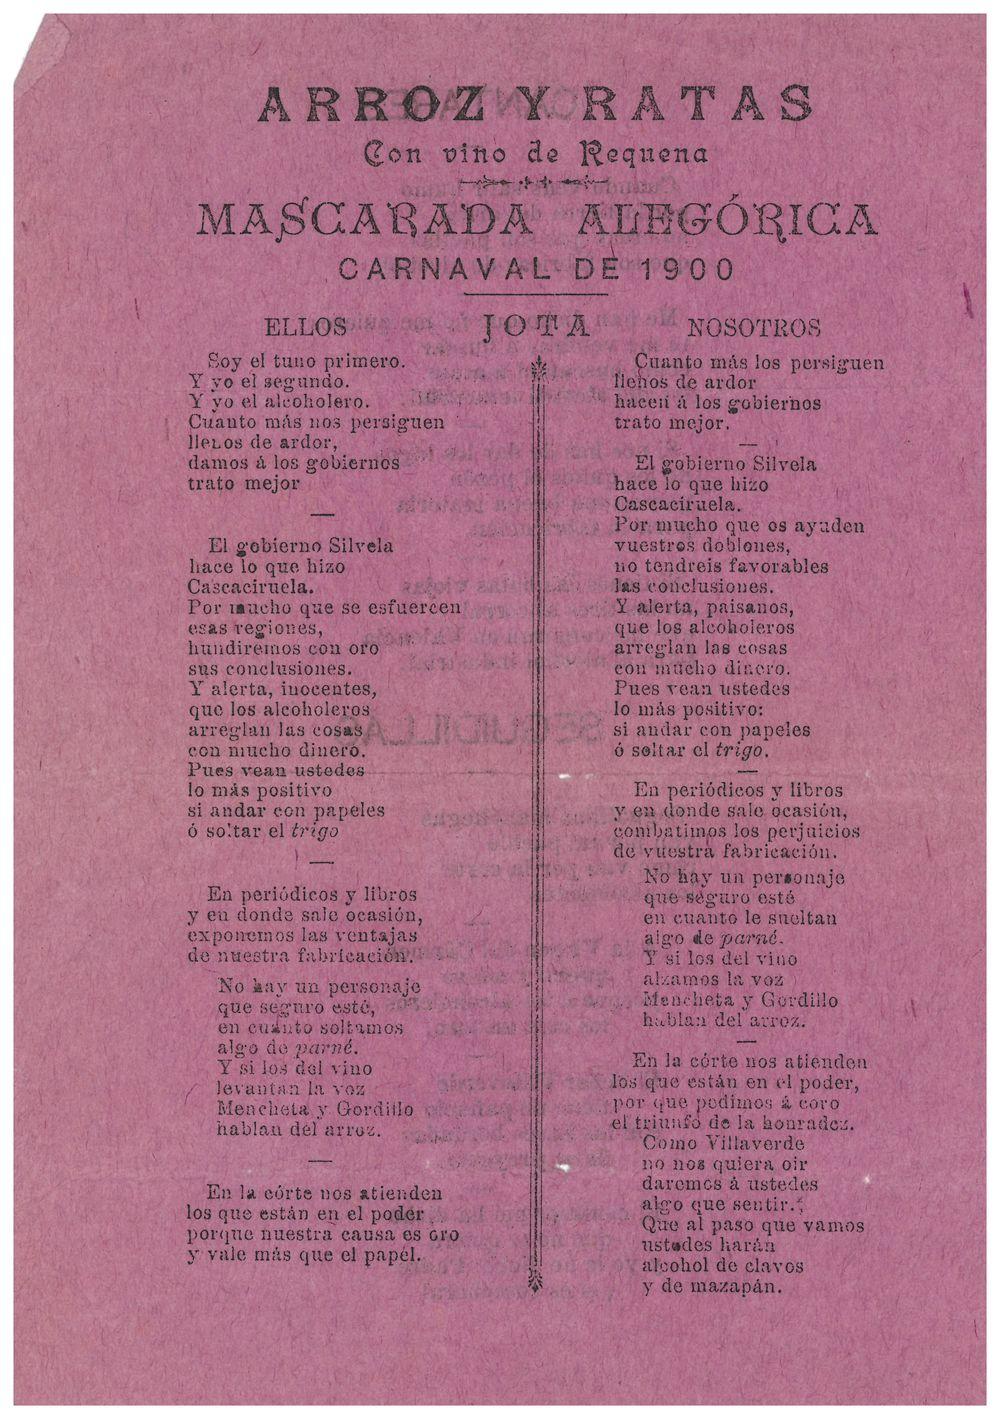 Arroz y ratas con vino de Requena. Año 1900. Fuente: requena.es